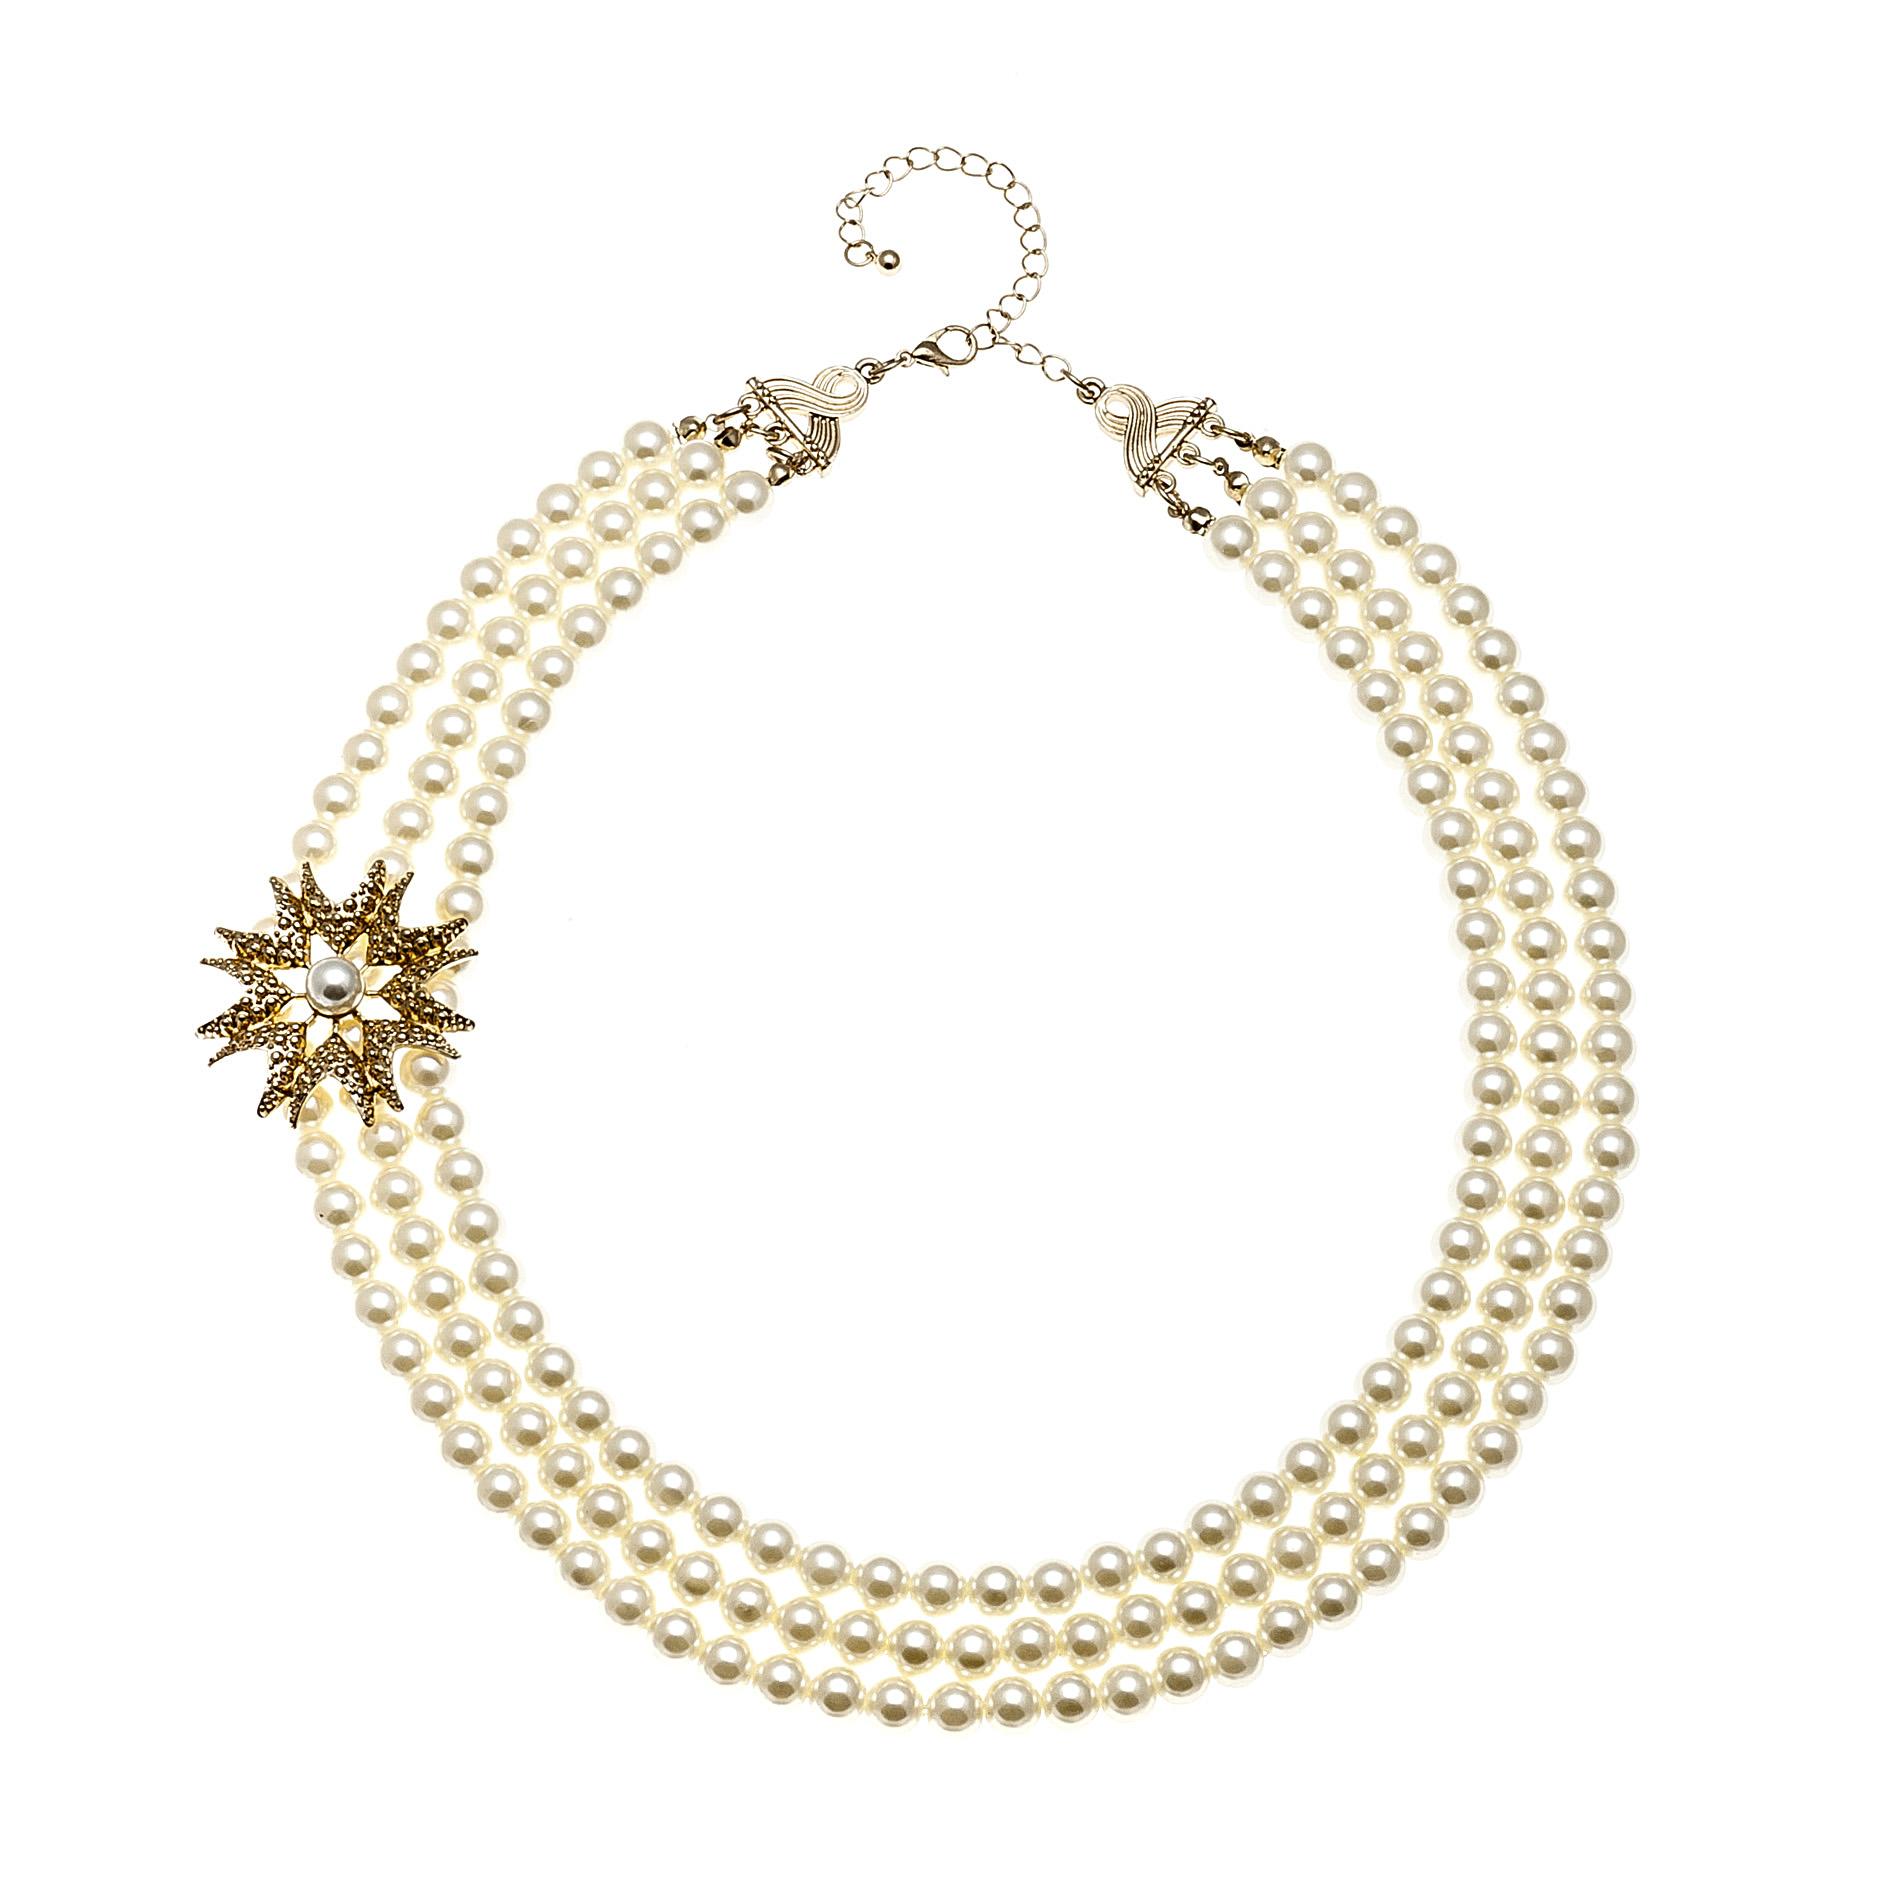 多层经典珍珠项链